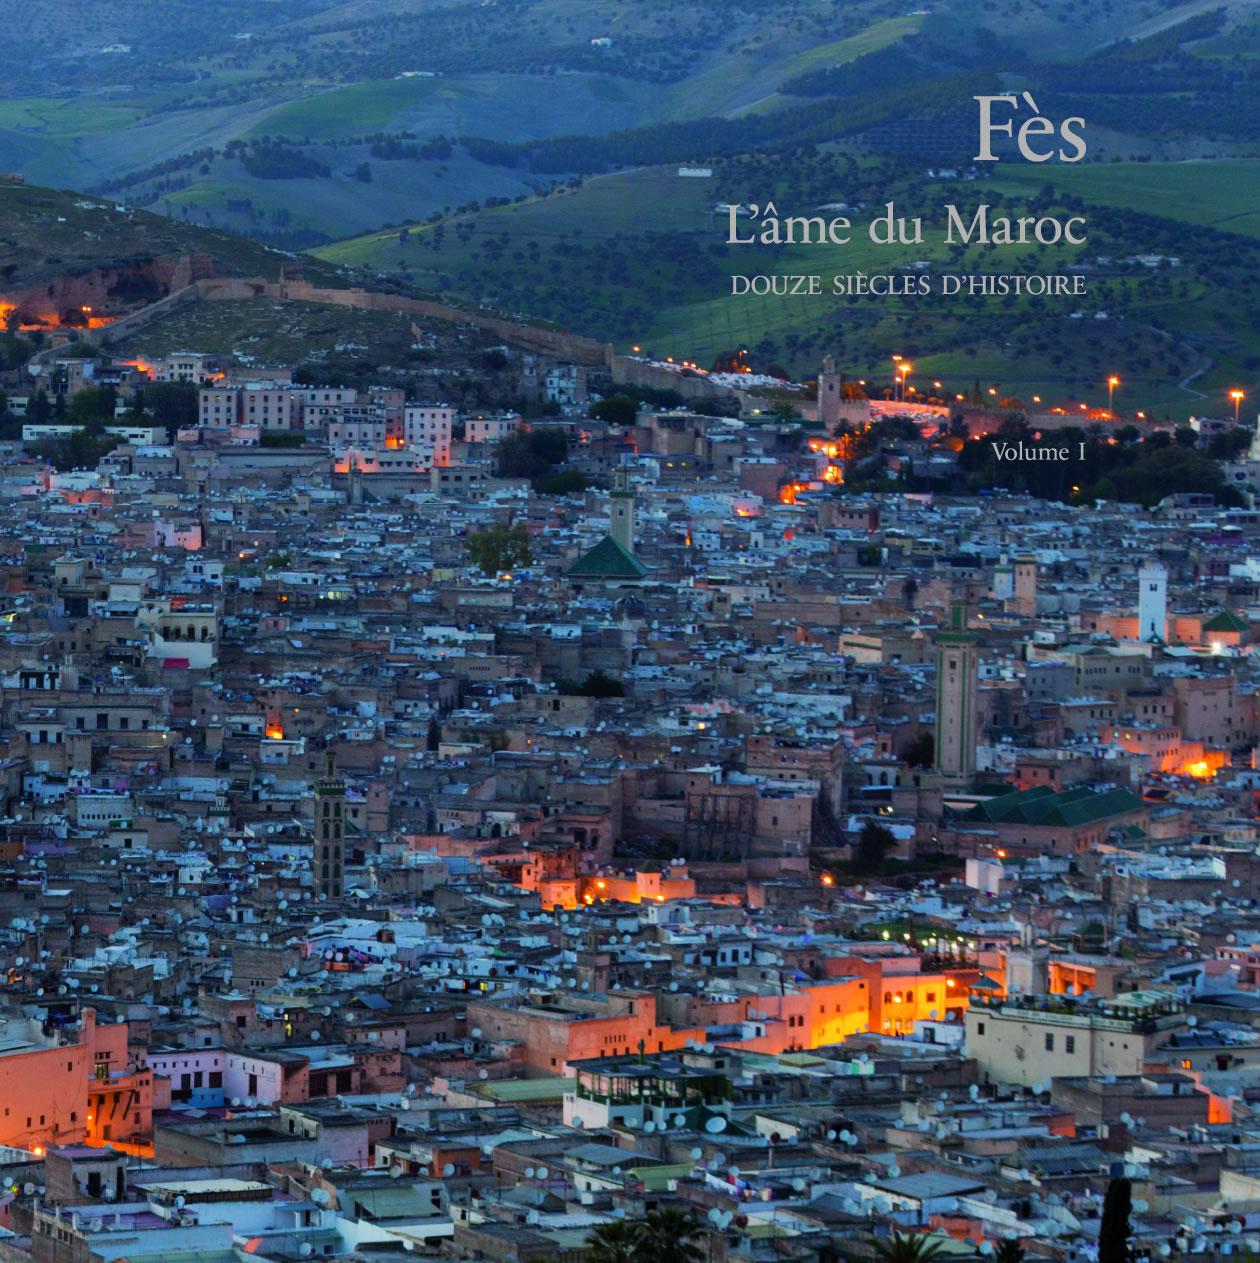 Fès, l'âme du Maroc DOUZE SIÈCLES D'HISTOIRE